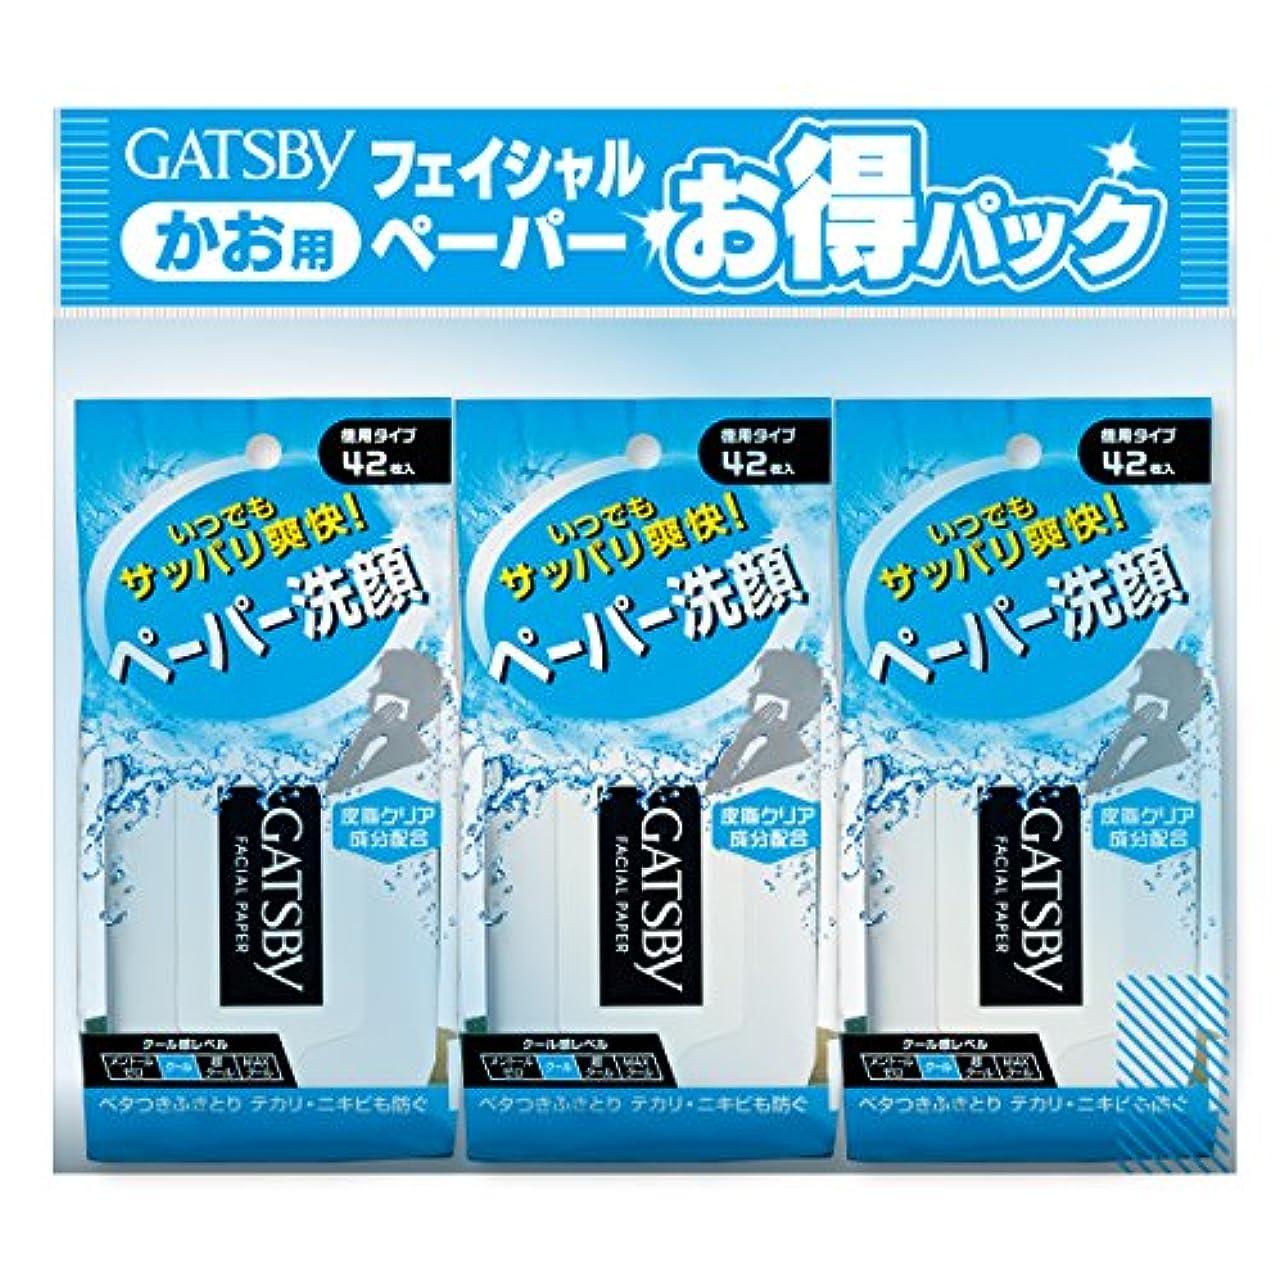 早める囲まれたボウリング【まとめ買い】GATSBY (ギャツビー)フェイシャルペーパー 徳用42枚×3個パック